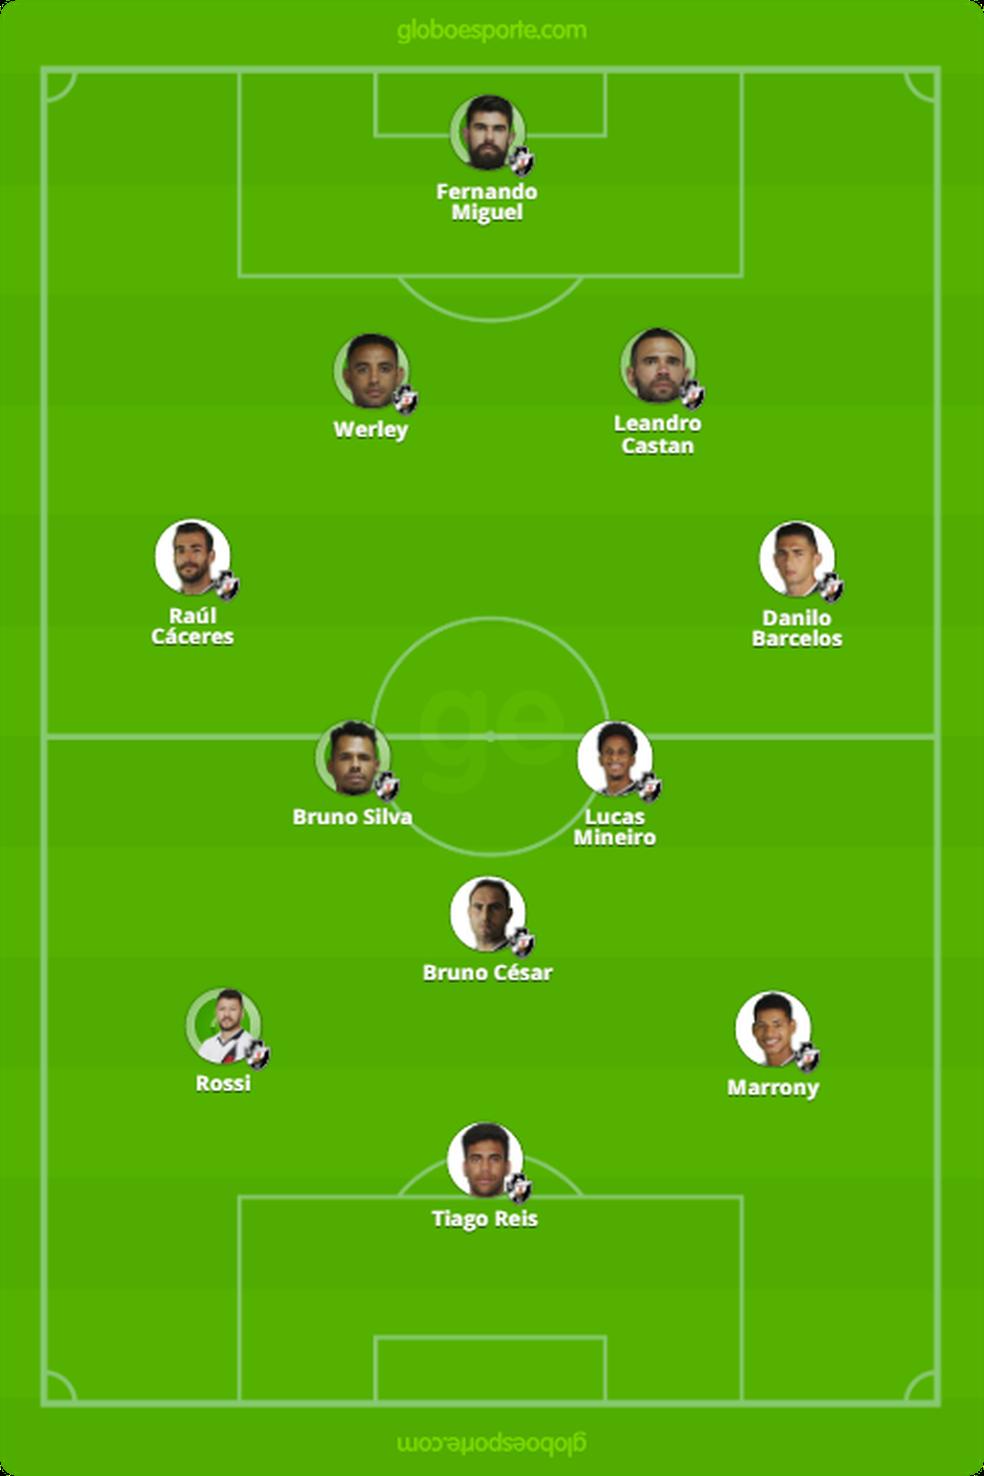 Provável escalação do Vasco para o jogo contra o Bangu — Foto: GloboEsporte.com